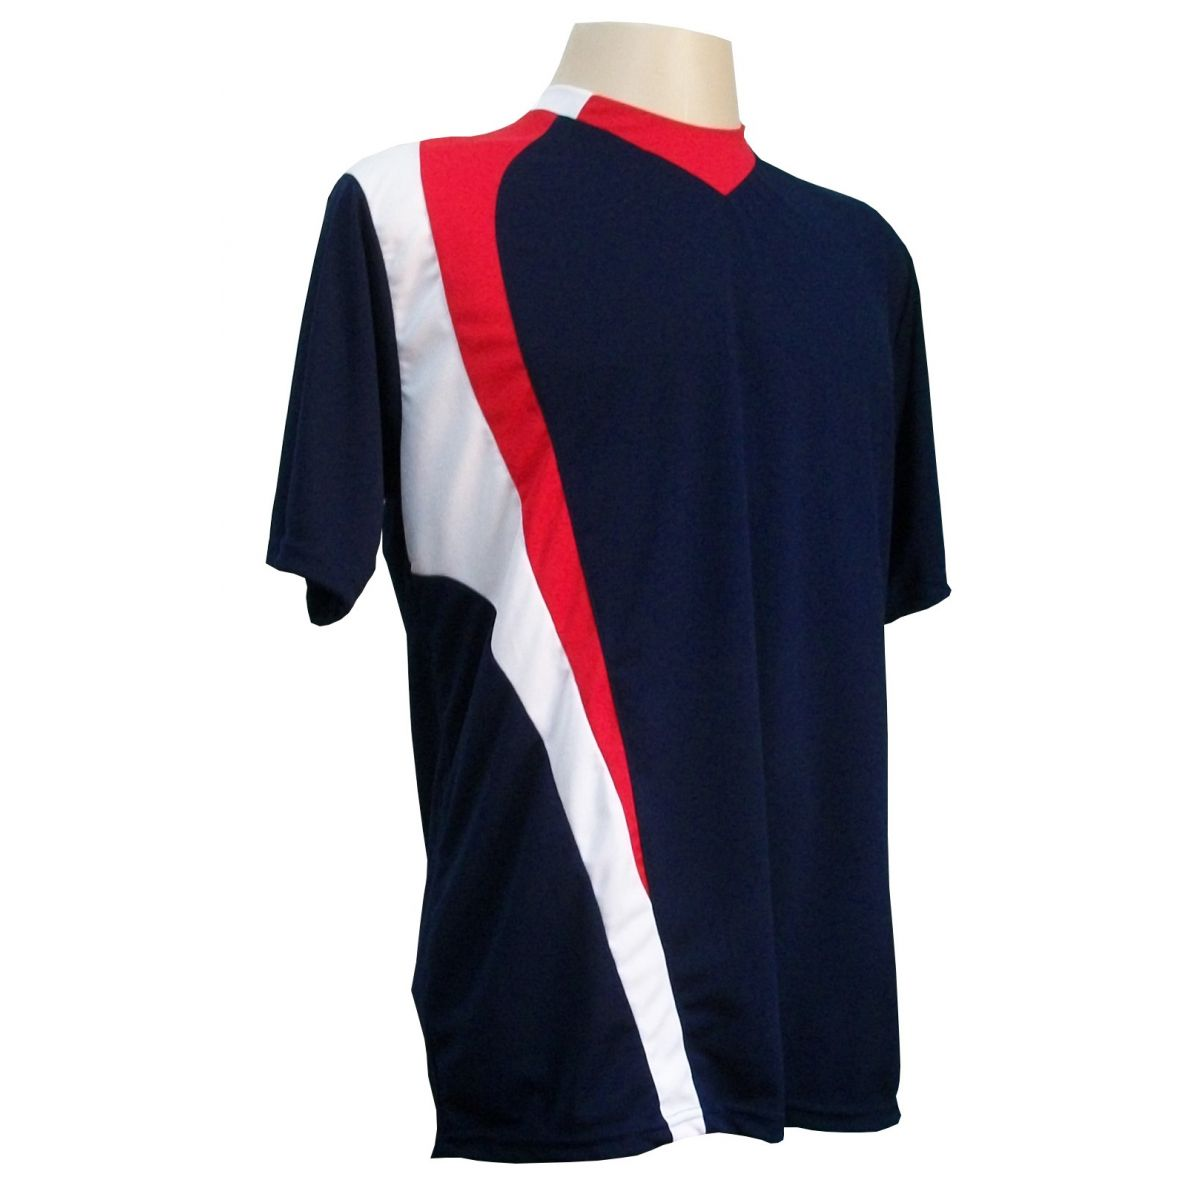 Uniforme Esportivo com 14 camisas modelo PSG Marinho/Vermelho/Branco + 14 calções modelo Madrid Marinho + Brindes